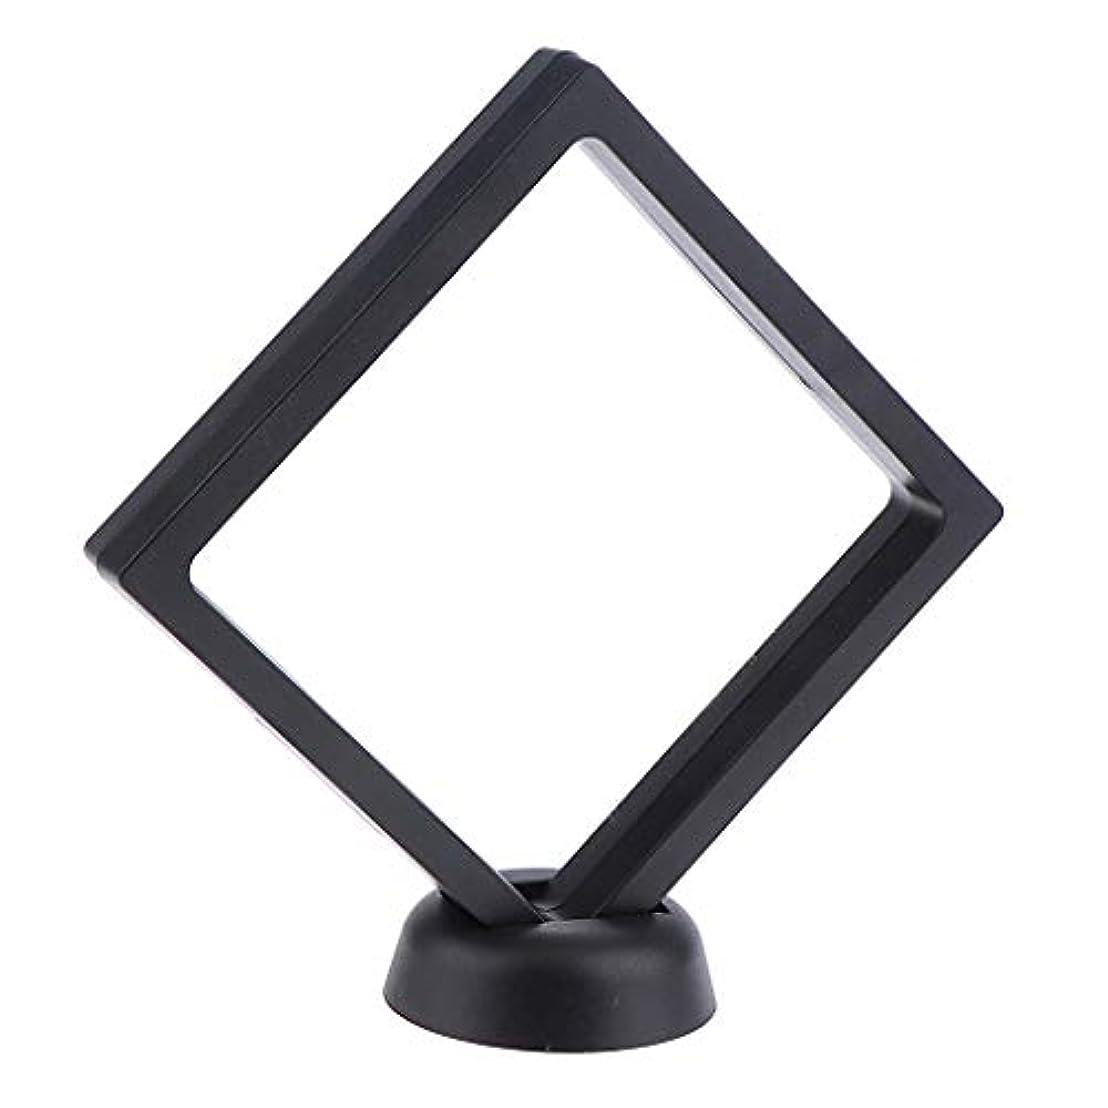 署名フィッティング送金B Baosity ネイルアート 展示用 ボード ネイルサロン ネイルヒント ディスプレイスタンド 2色選べ - ブラック